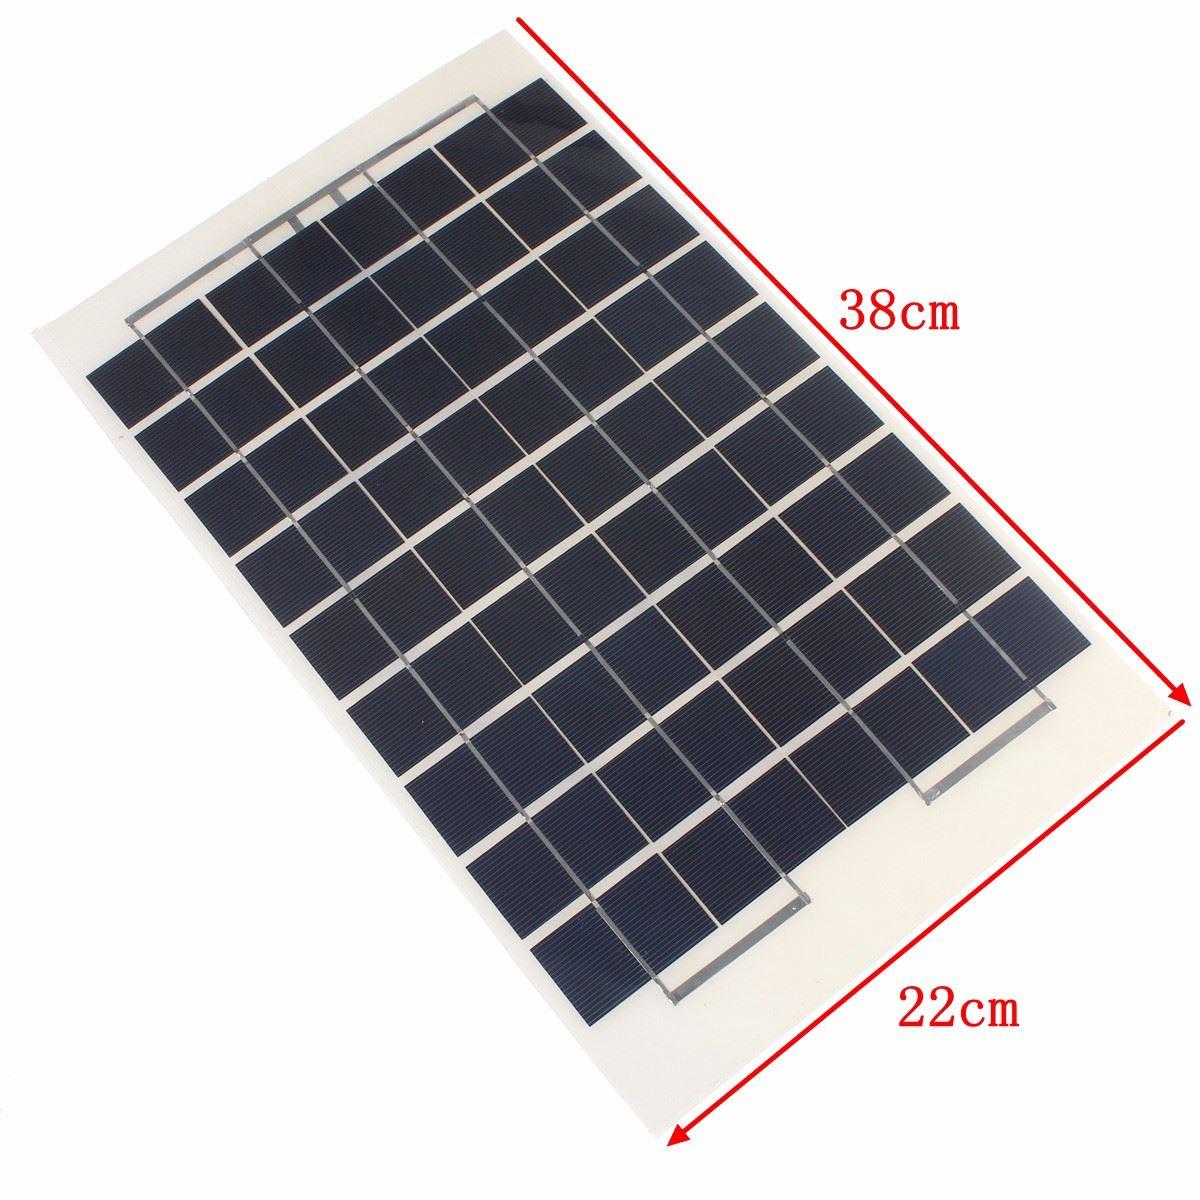 Baterias Solares solar módulo policristalino células solares Modelo Número : Solar Panel